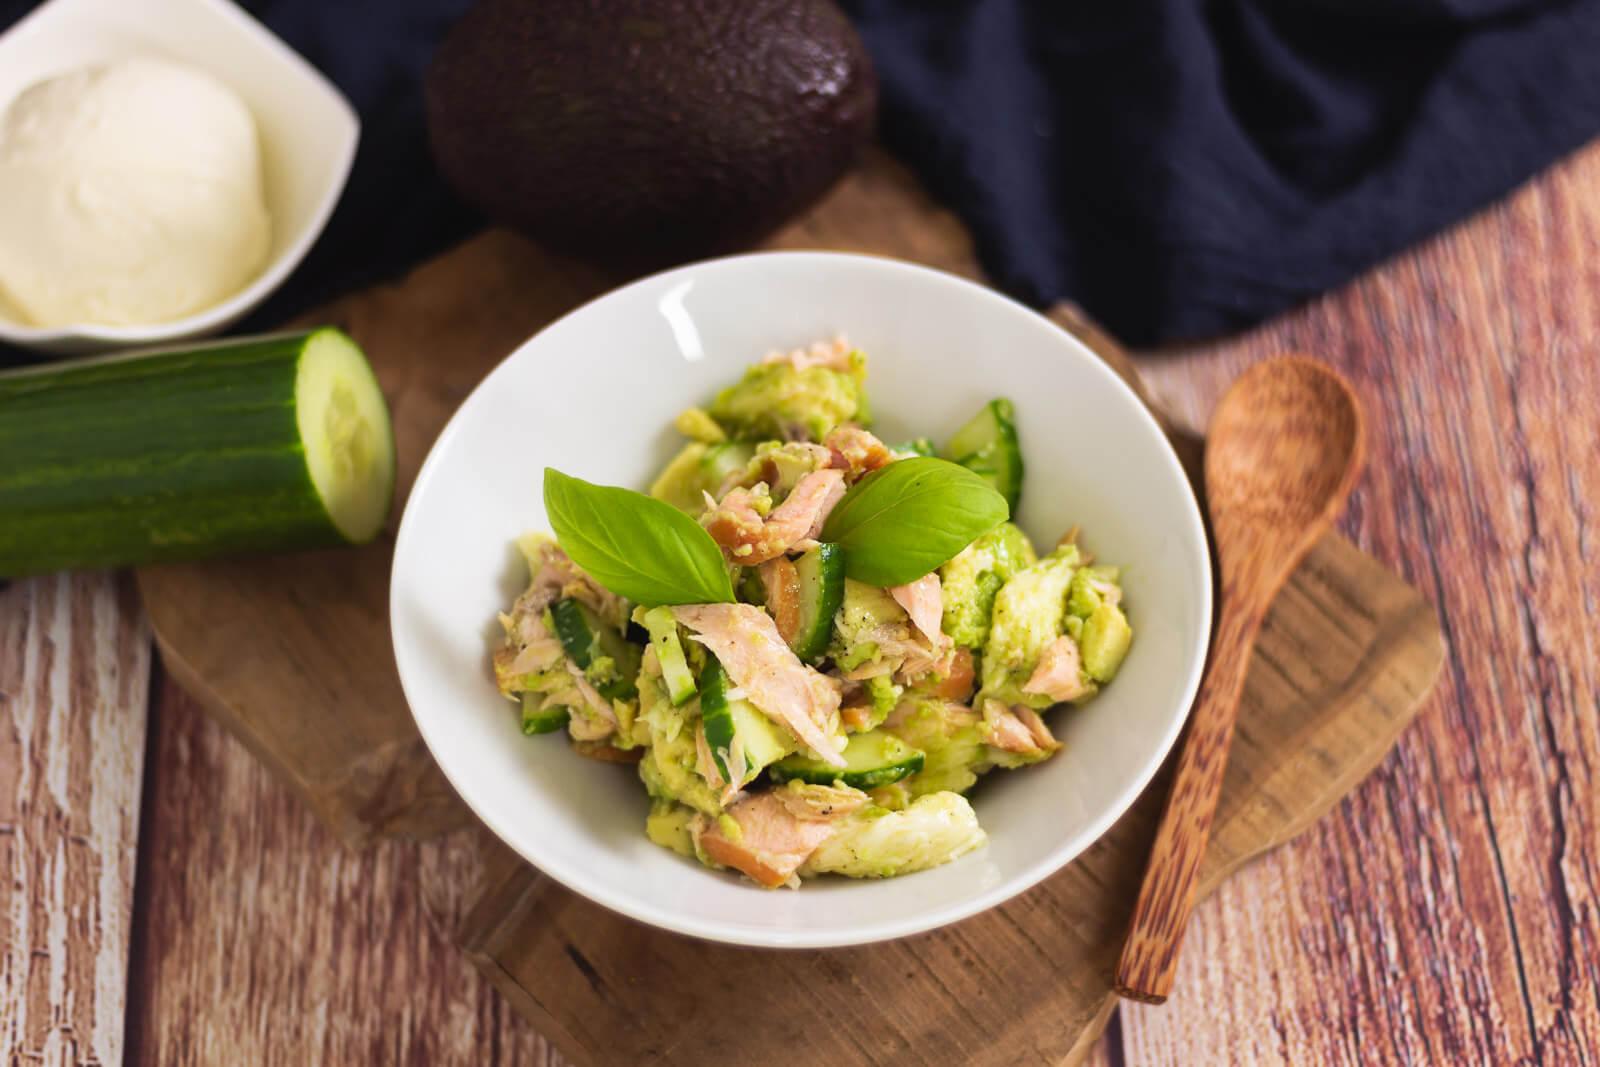 Avocado-Lachs Bowl - by salala.de - schnelles Keto Mittagessen Rezept mit Mozzarella #keto #mittagessen #avocado #lowcarb #ketorezept